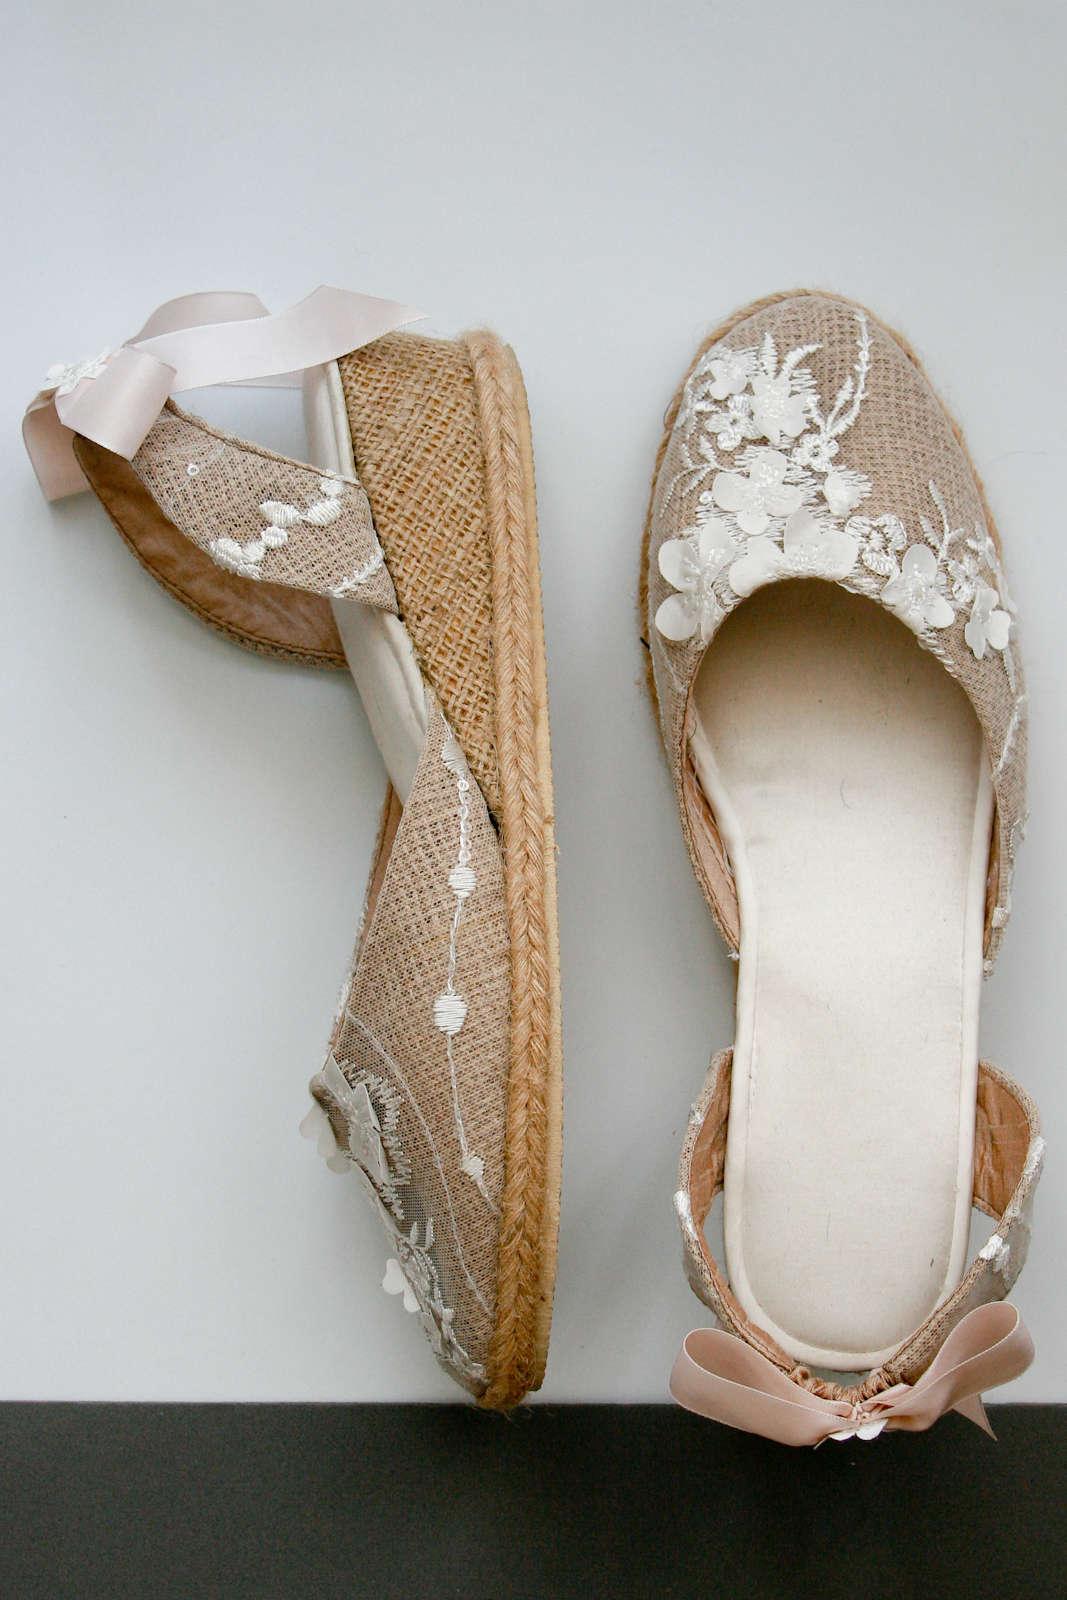 espadrilles-zapatos-de-novia-en-tela-boho-vintage-buenos-aires-argentina-larmide-_MG_3344.jpg